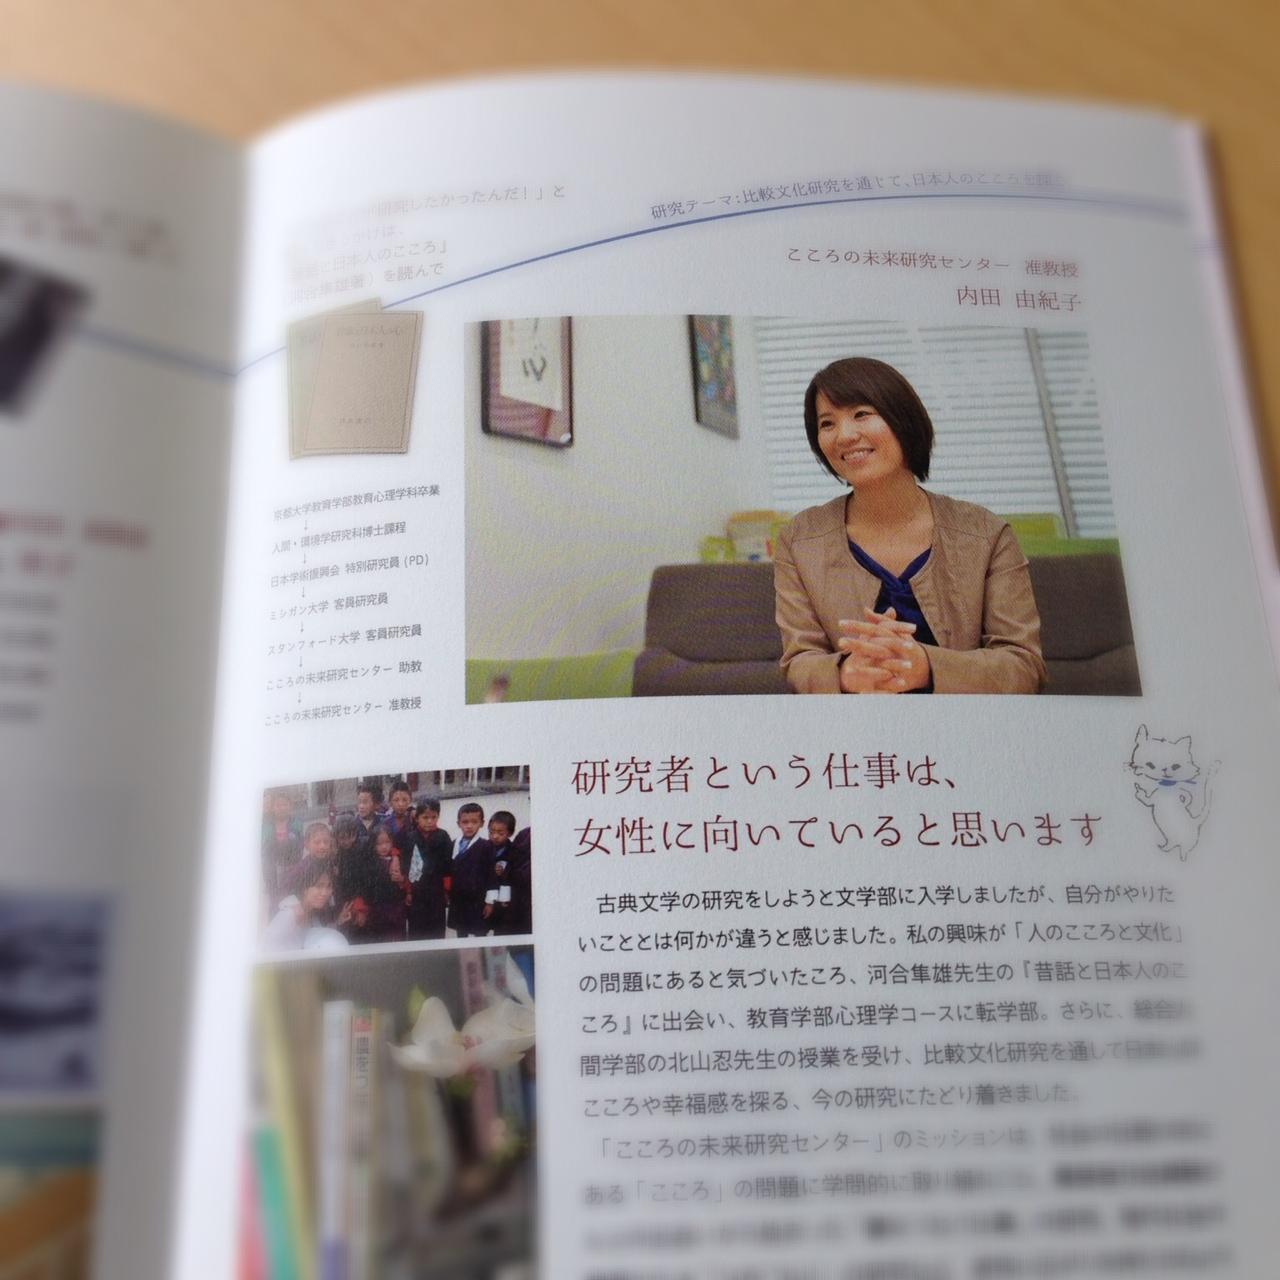 内田准教授のインタビューが男女共同参画推進センターの冊子に掲載。京都新聞で紹介されました